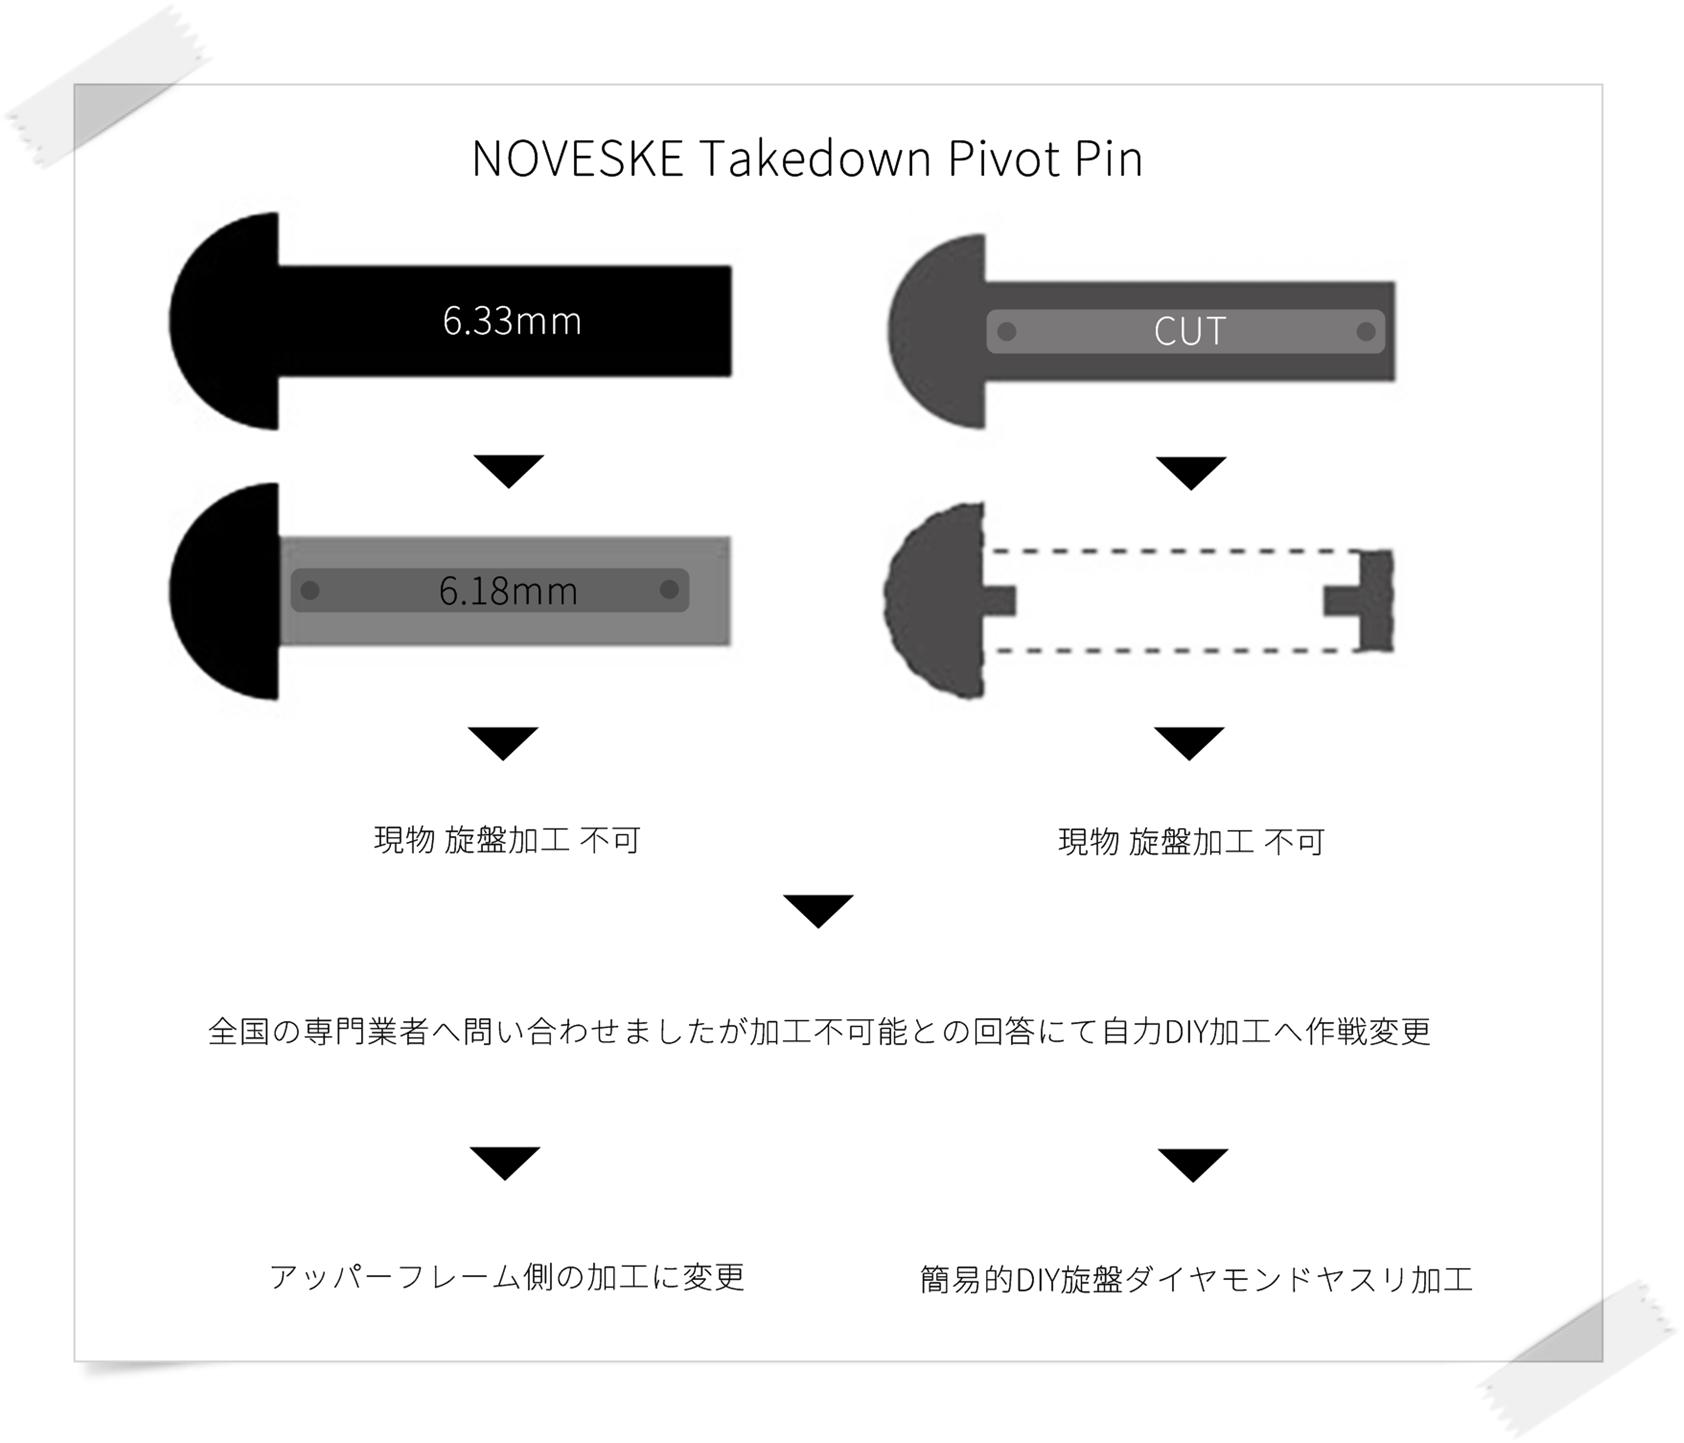 4 実物 NOVESKE AR-15 TAKEDOWN & PIVOT STEEL PIN!! 実物ピンを次世代M4へ対応させるべく簡易的DIY加工だ!ノベスケ ノベスキー スチール テイクダウン ピポッドピン! DIY 加工 カスタム 簡易的 旋盤加工 取付 レビ